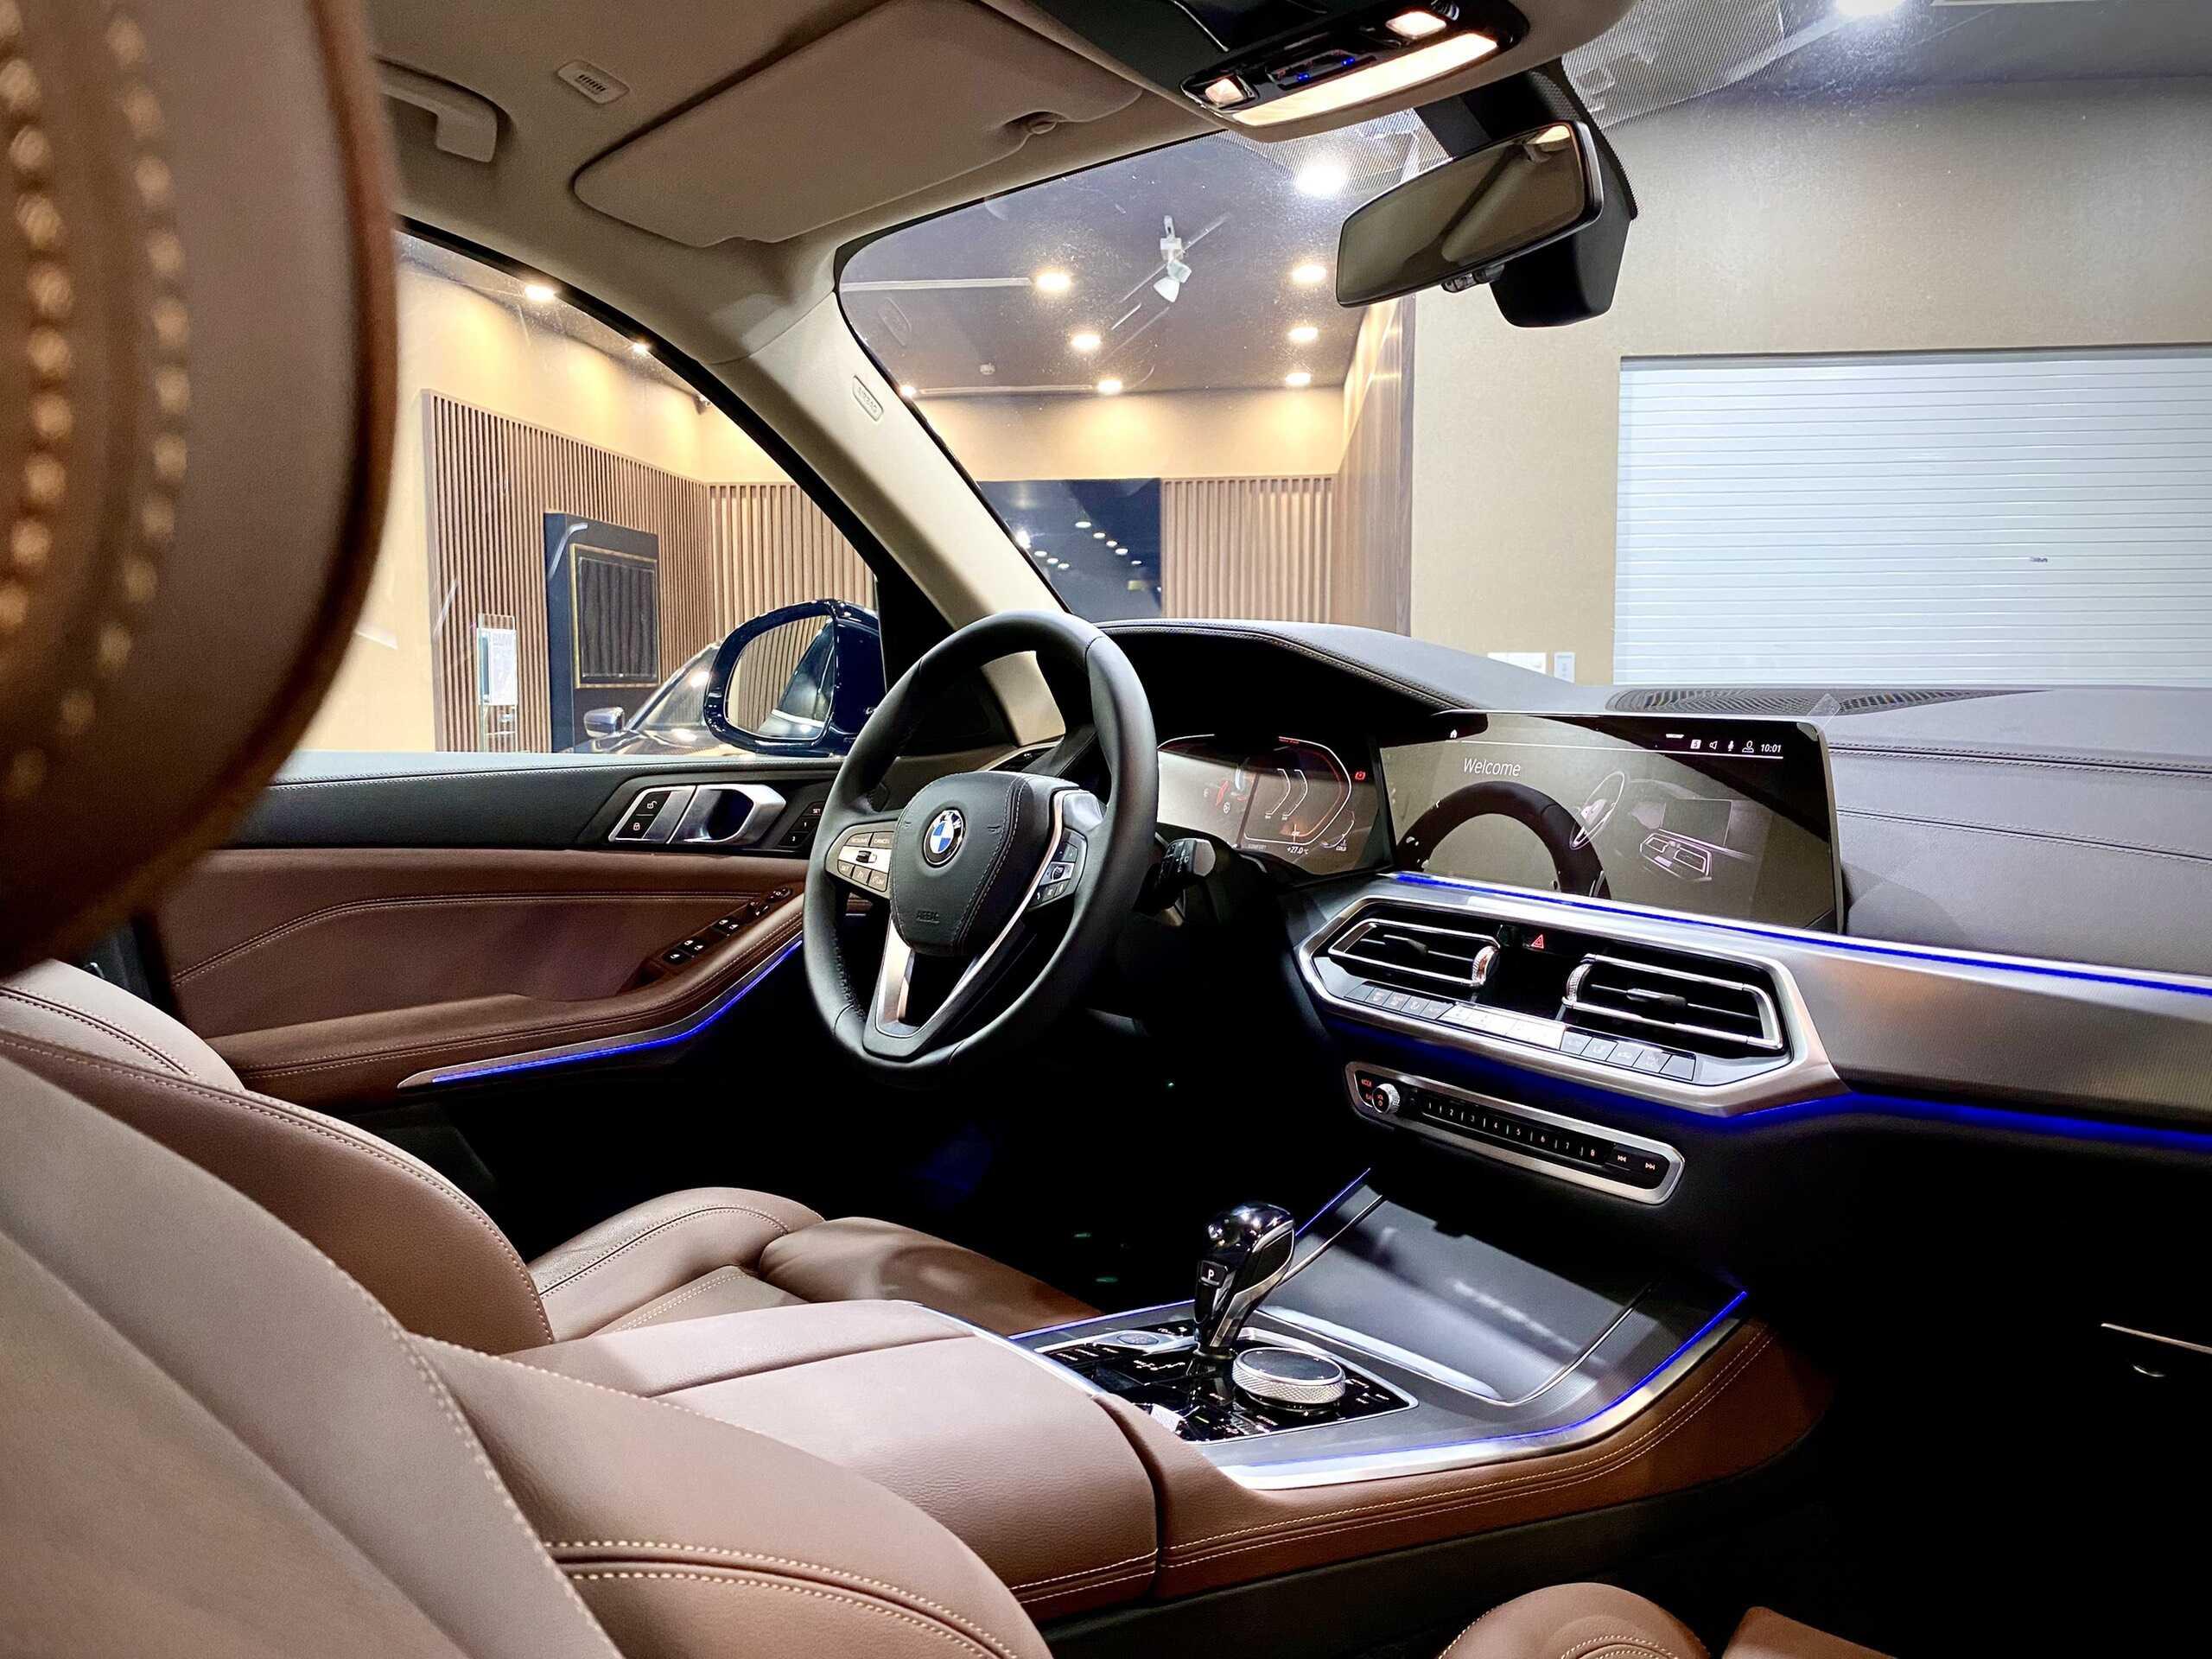 Khoang nội thất hiện đại - sang trọng trên BMW X5 xLine.